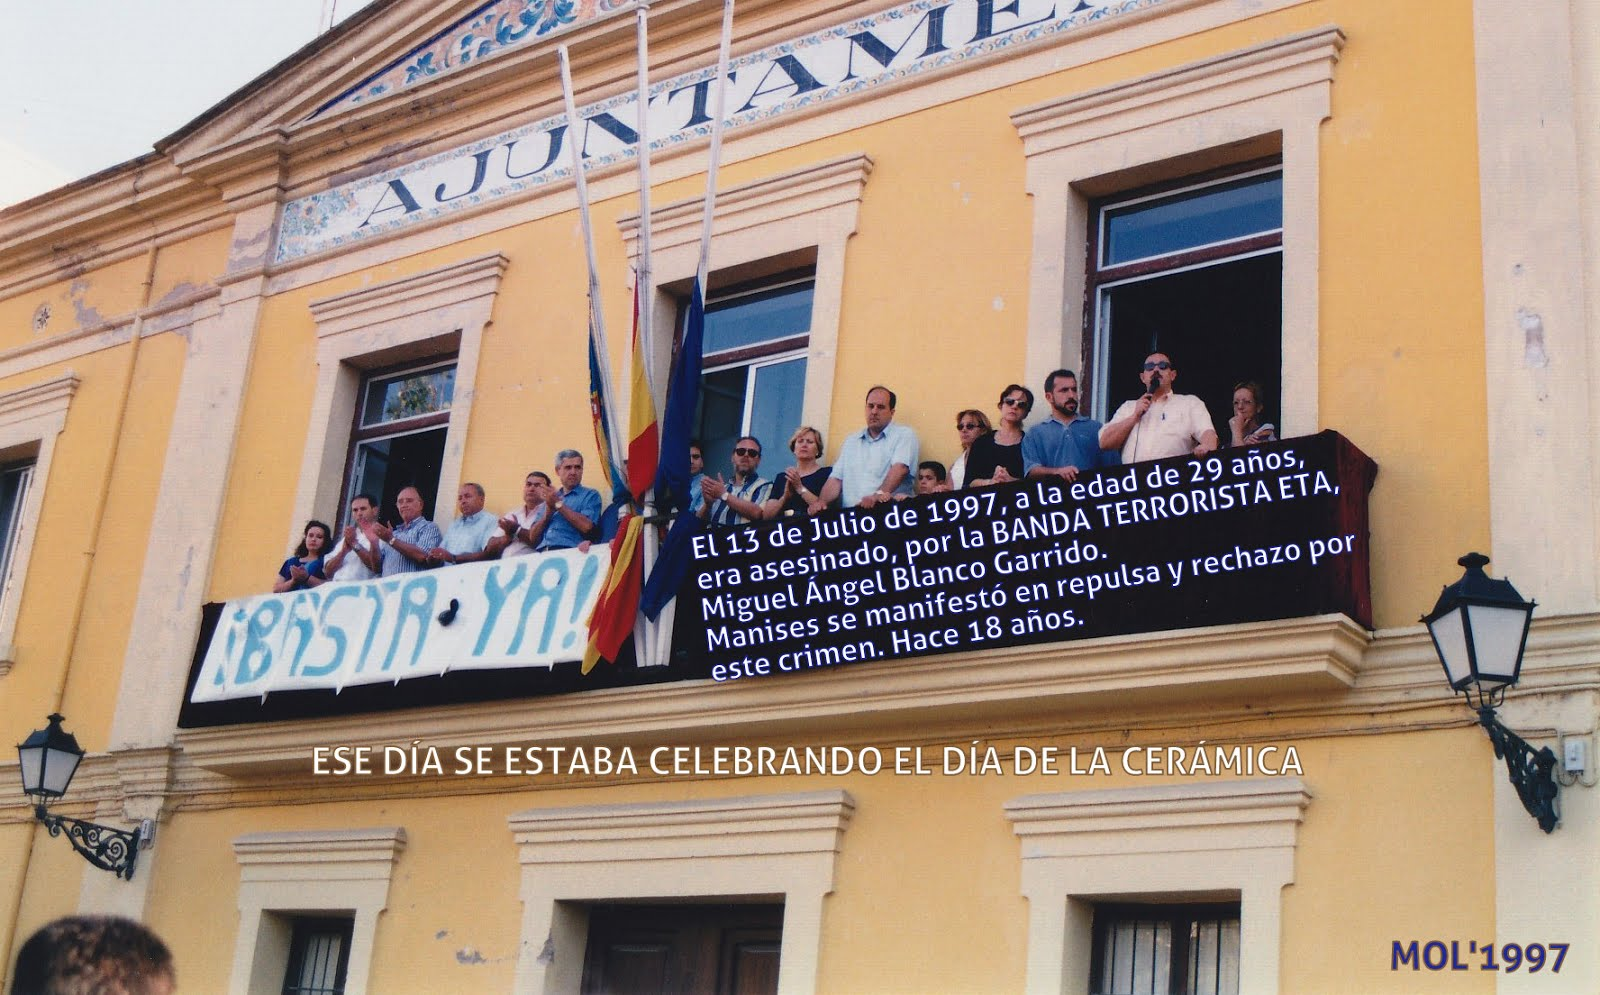 13.07.15 HACE 18 AÑOS DEL ASESINATO DE MIGUEL ÁNGEL BLANCO POR ETA